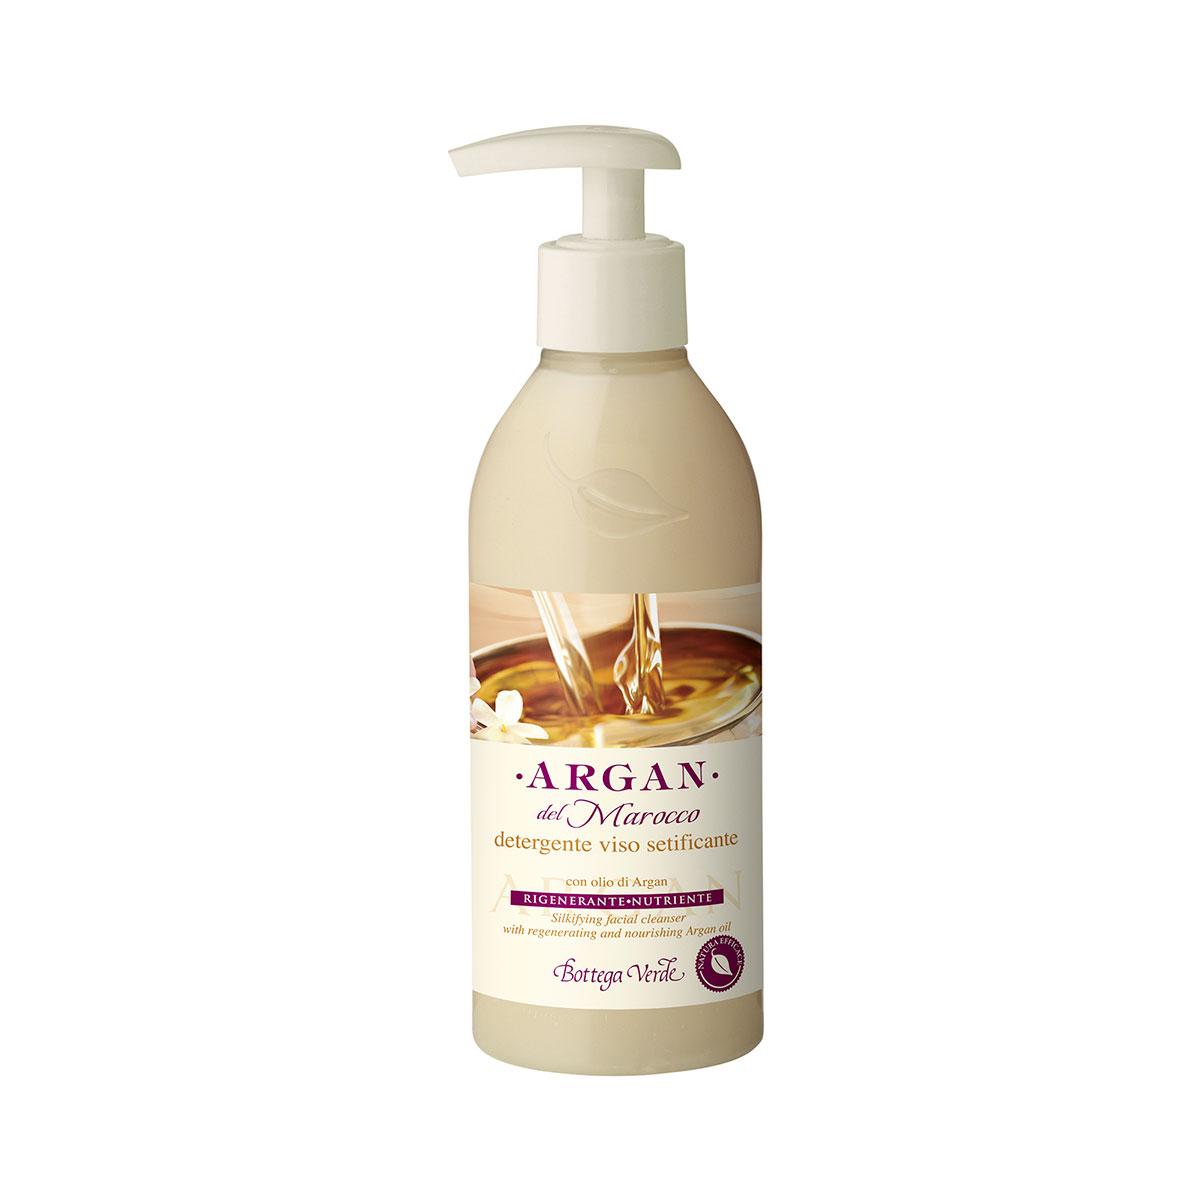 Argan del Marocco - Detergente viso setificante con olio di Argan rigenerante nutriente (250 ml)